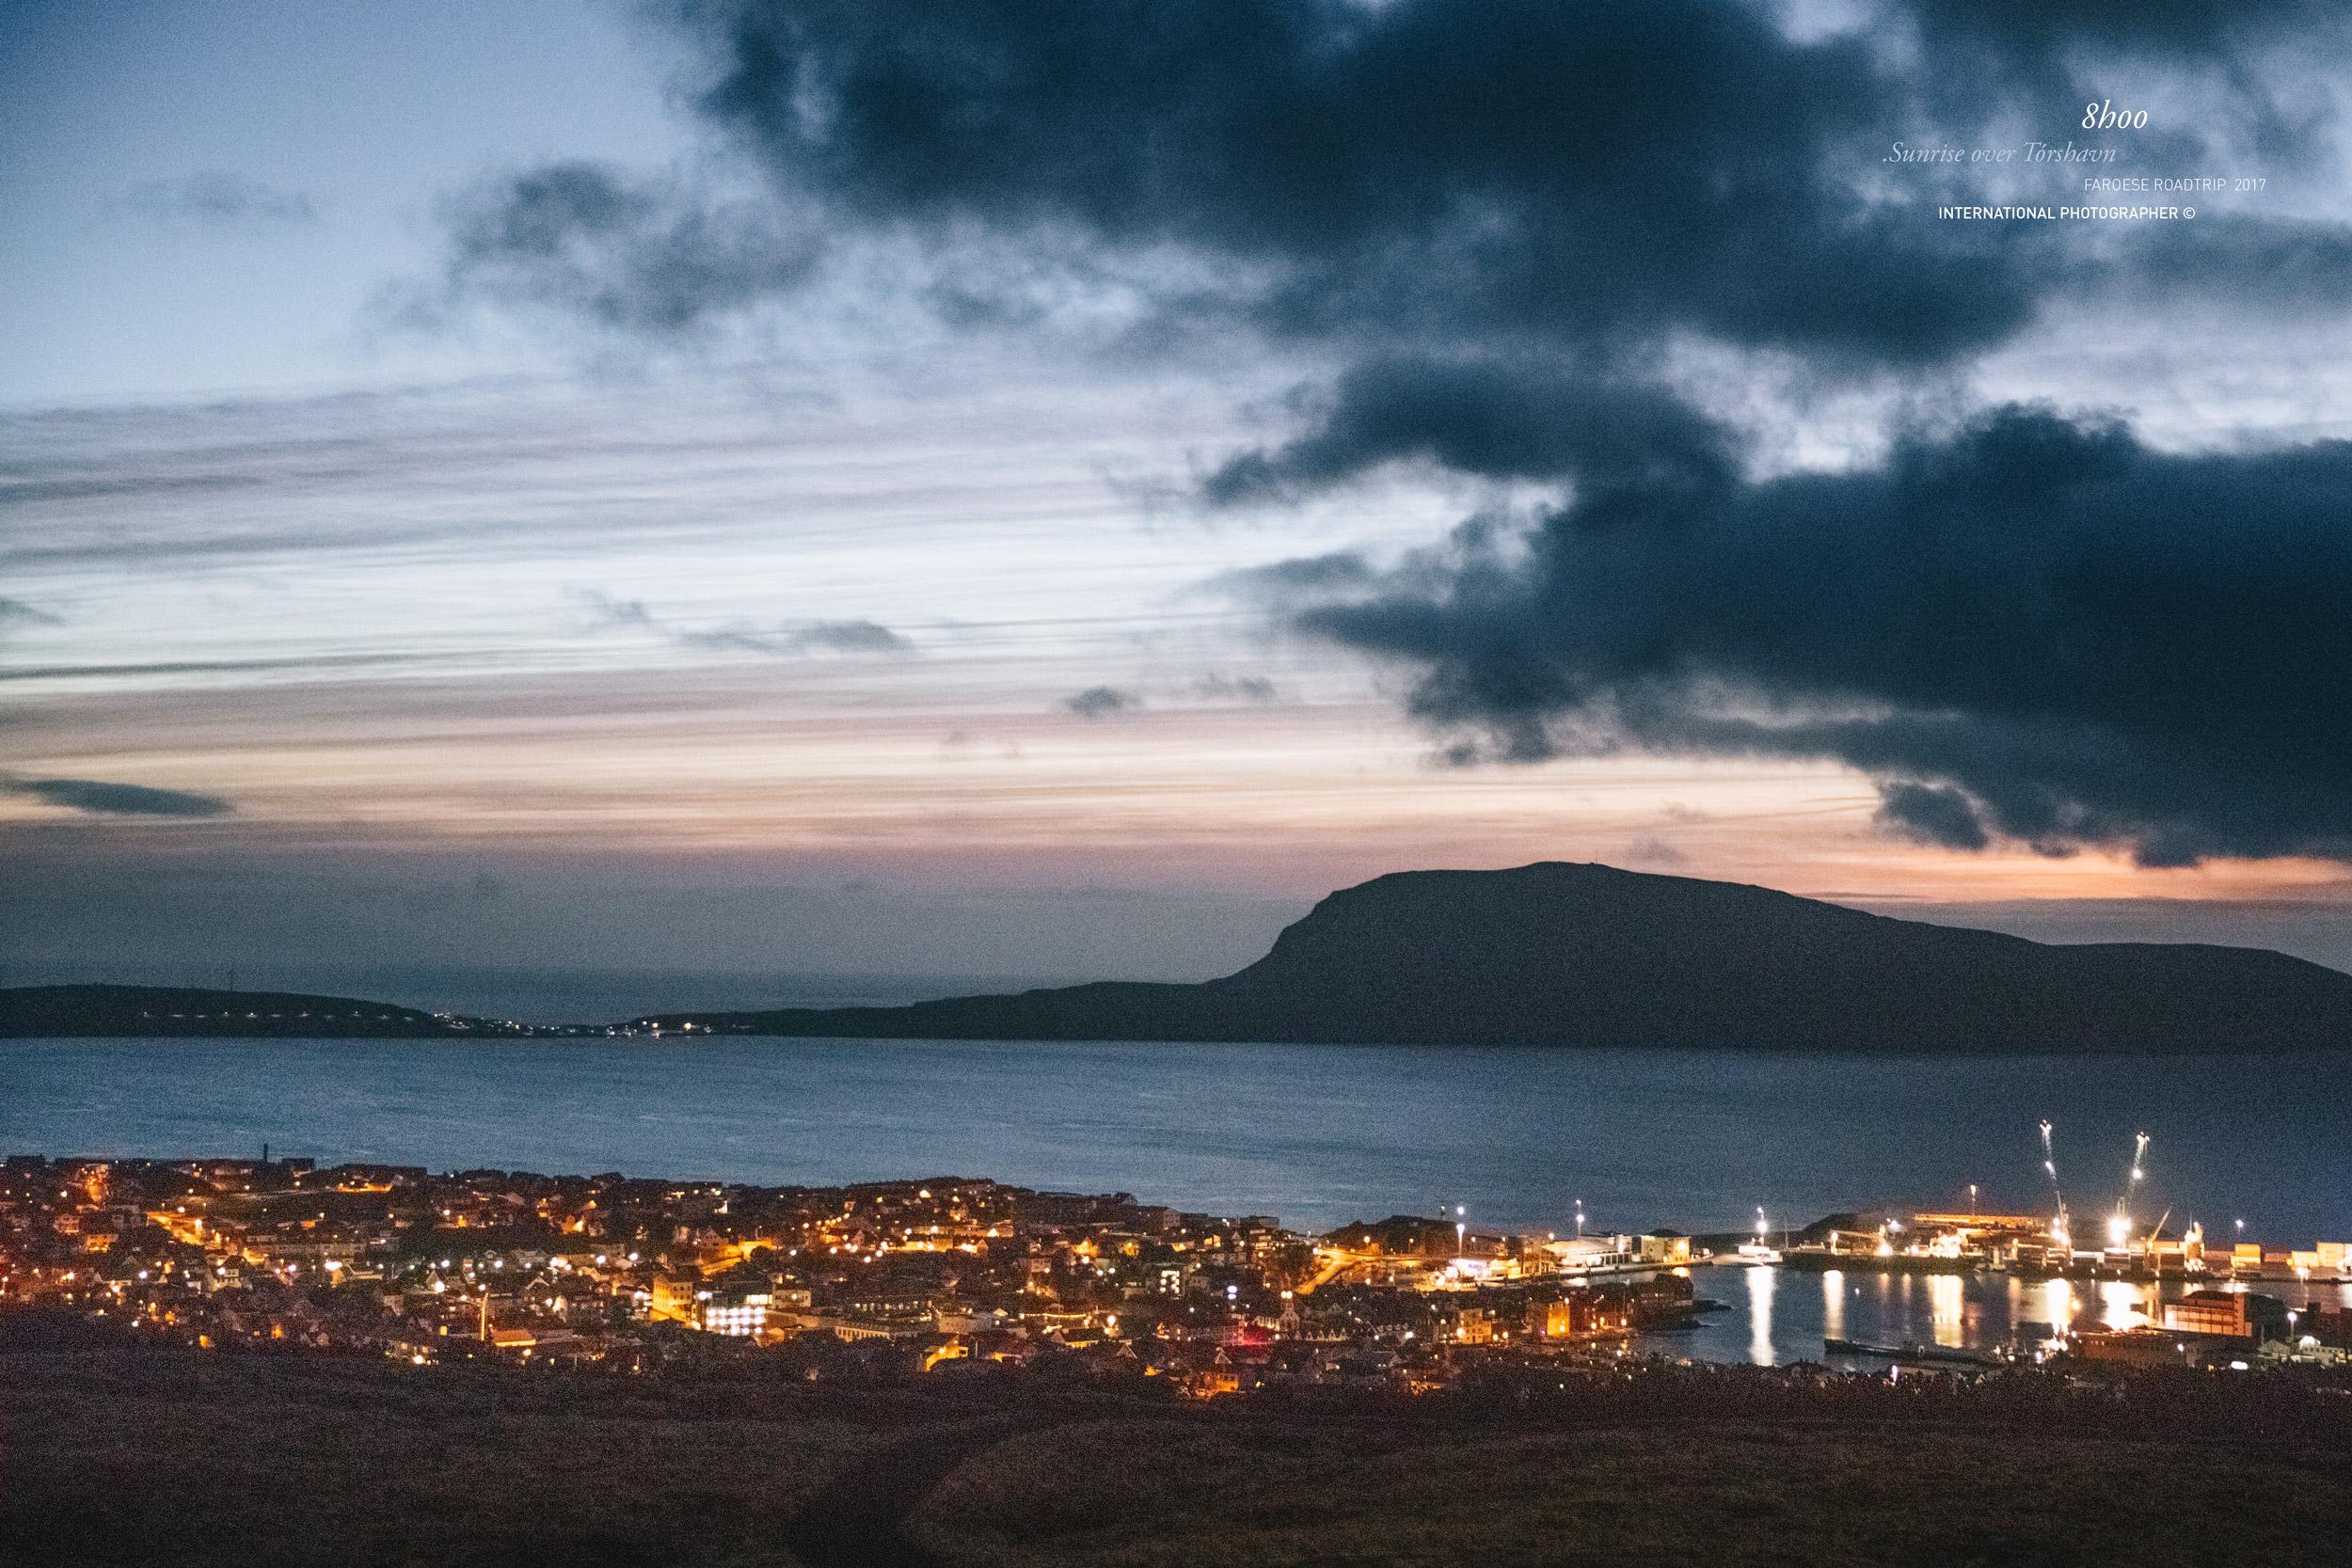 Première lueurs sur Tórshavn, capitale des Iles Féroé